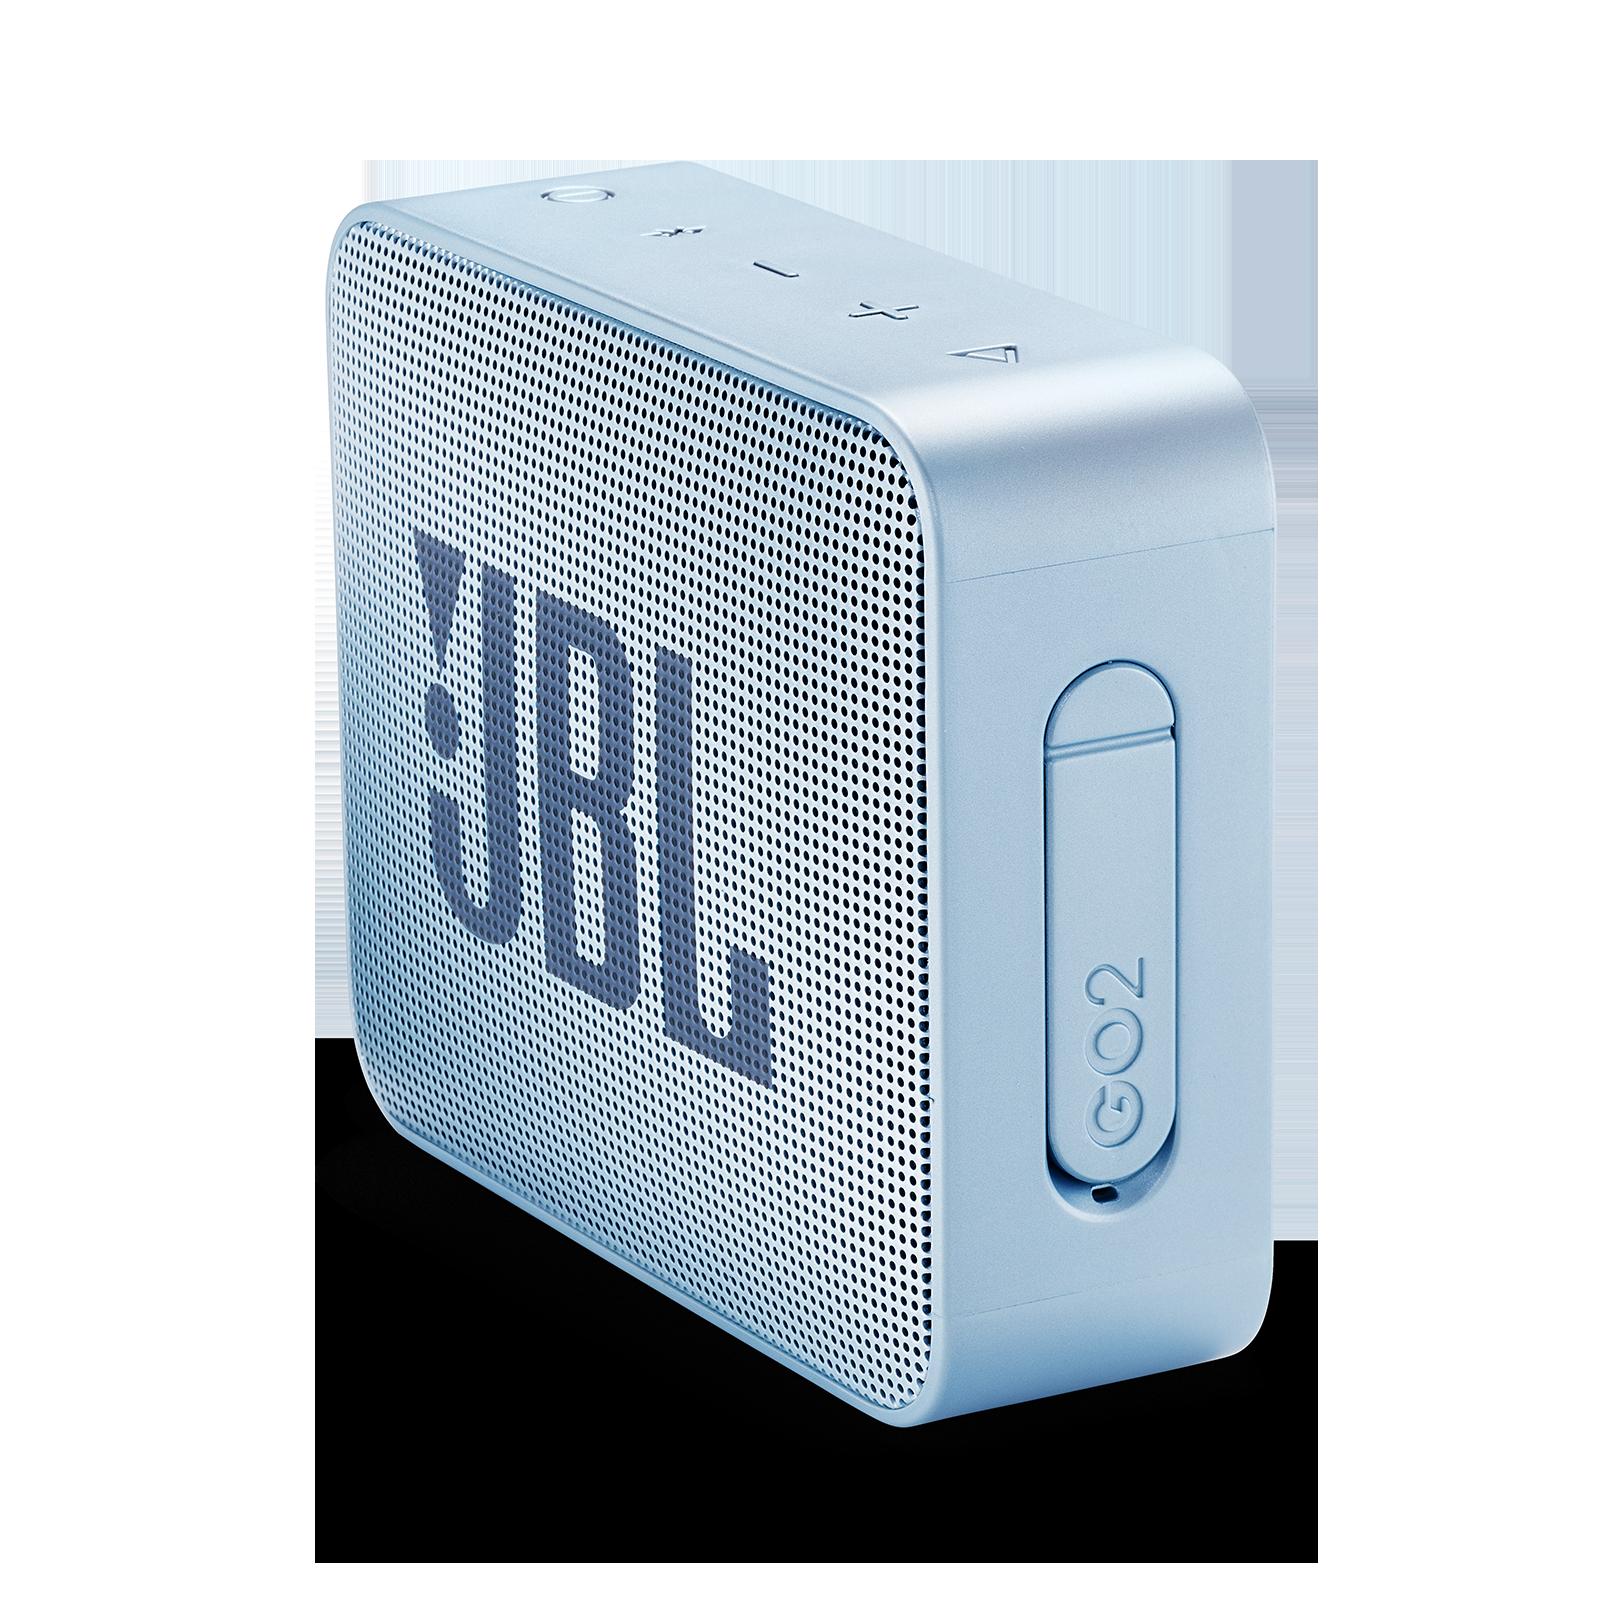 jbl go 2 portable bluetooth speaker. Black Bedroom Furniture Sets. Home Design Ideas